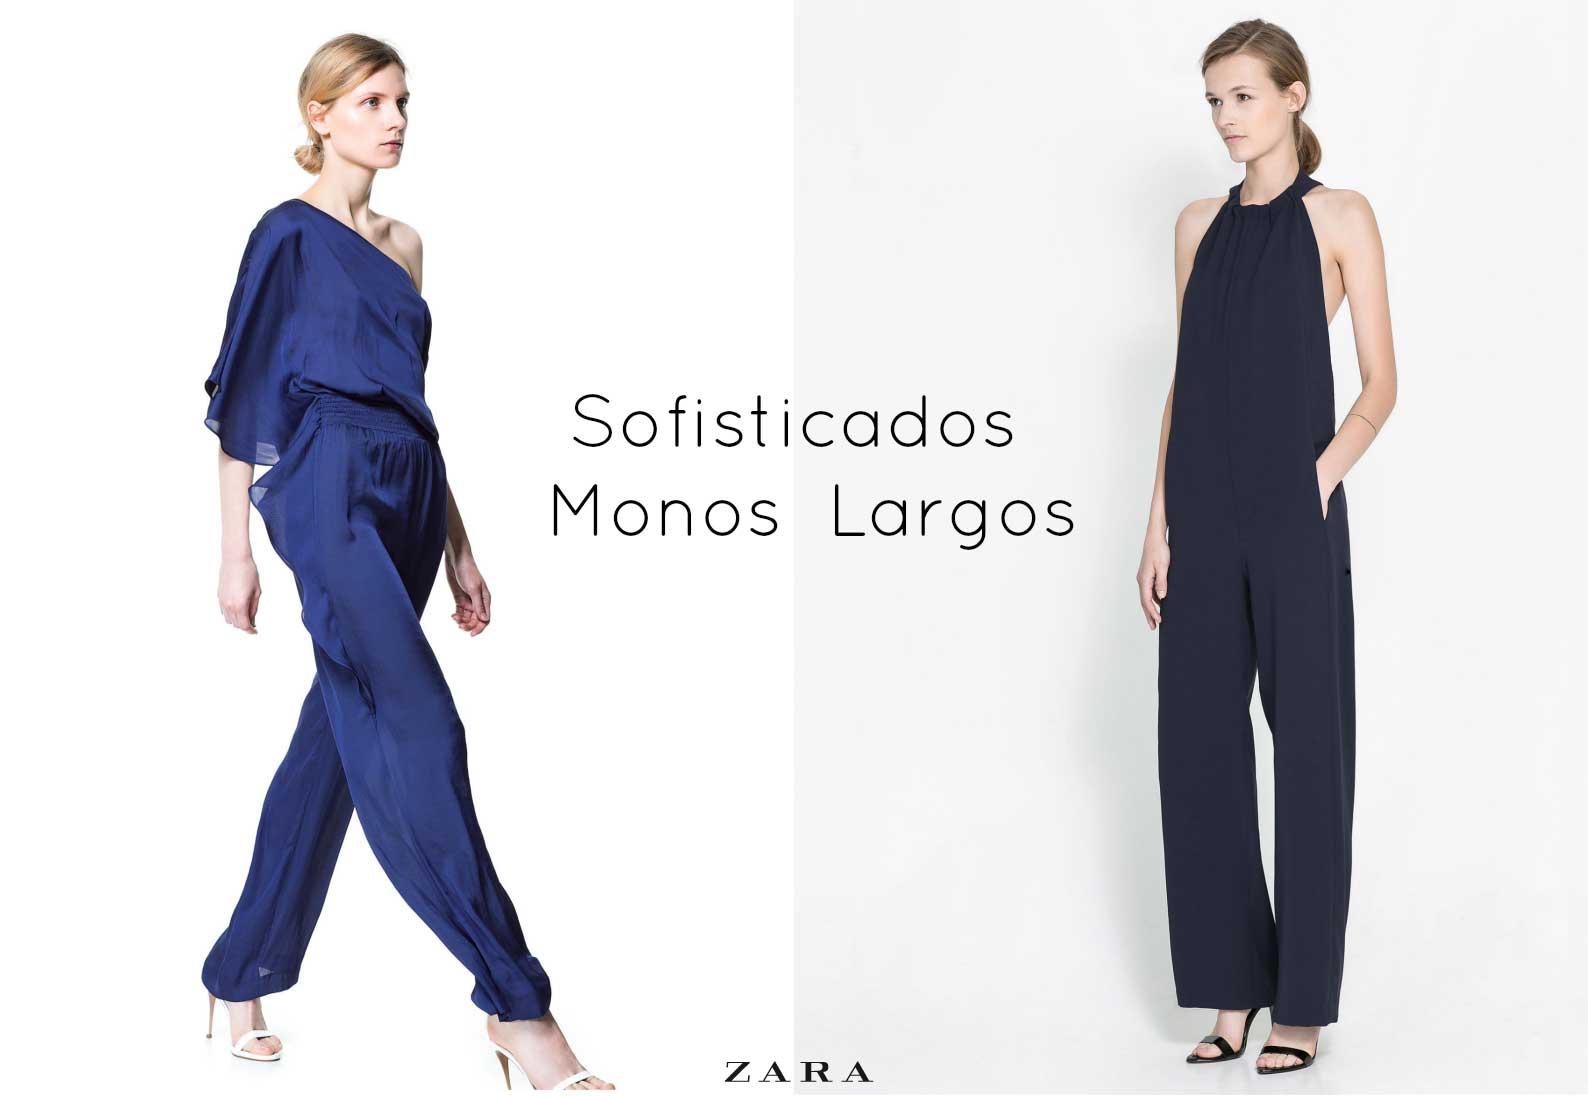 Encuentra tu mono en Zara.